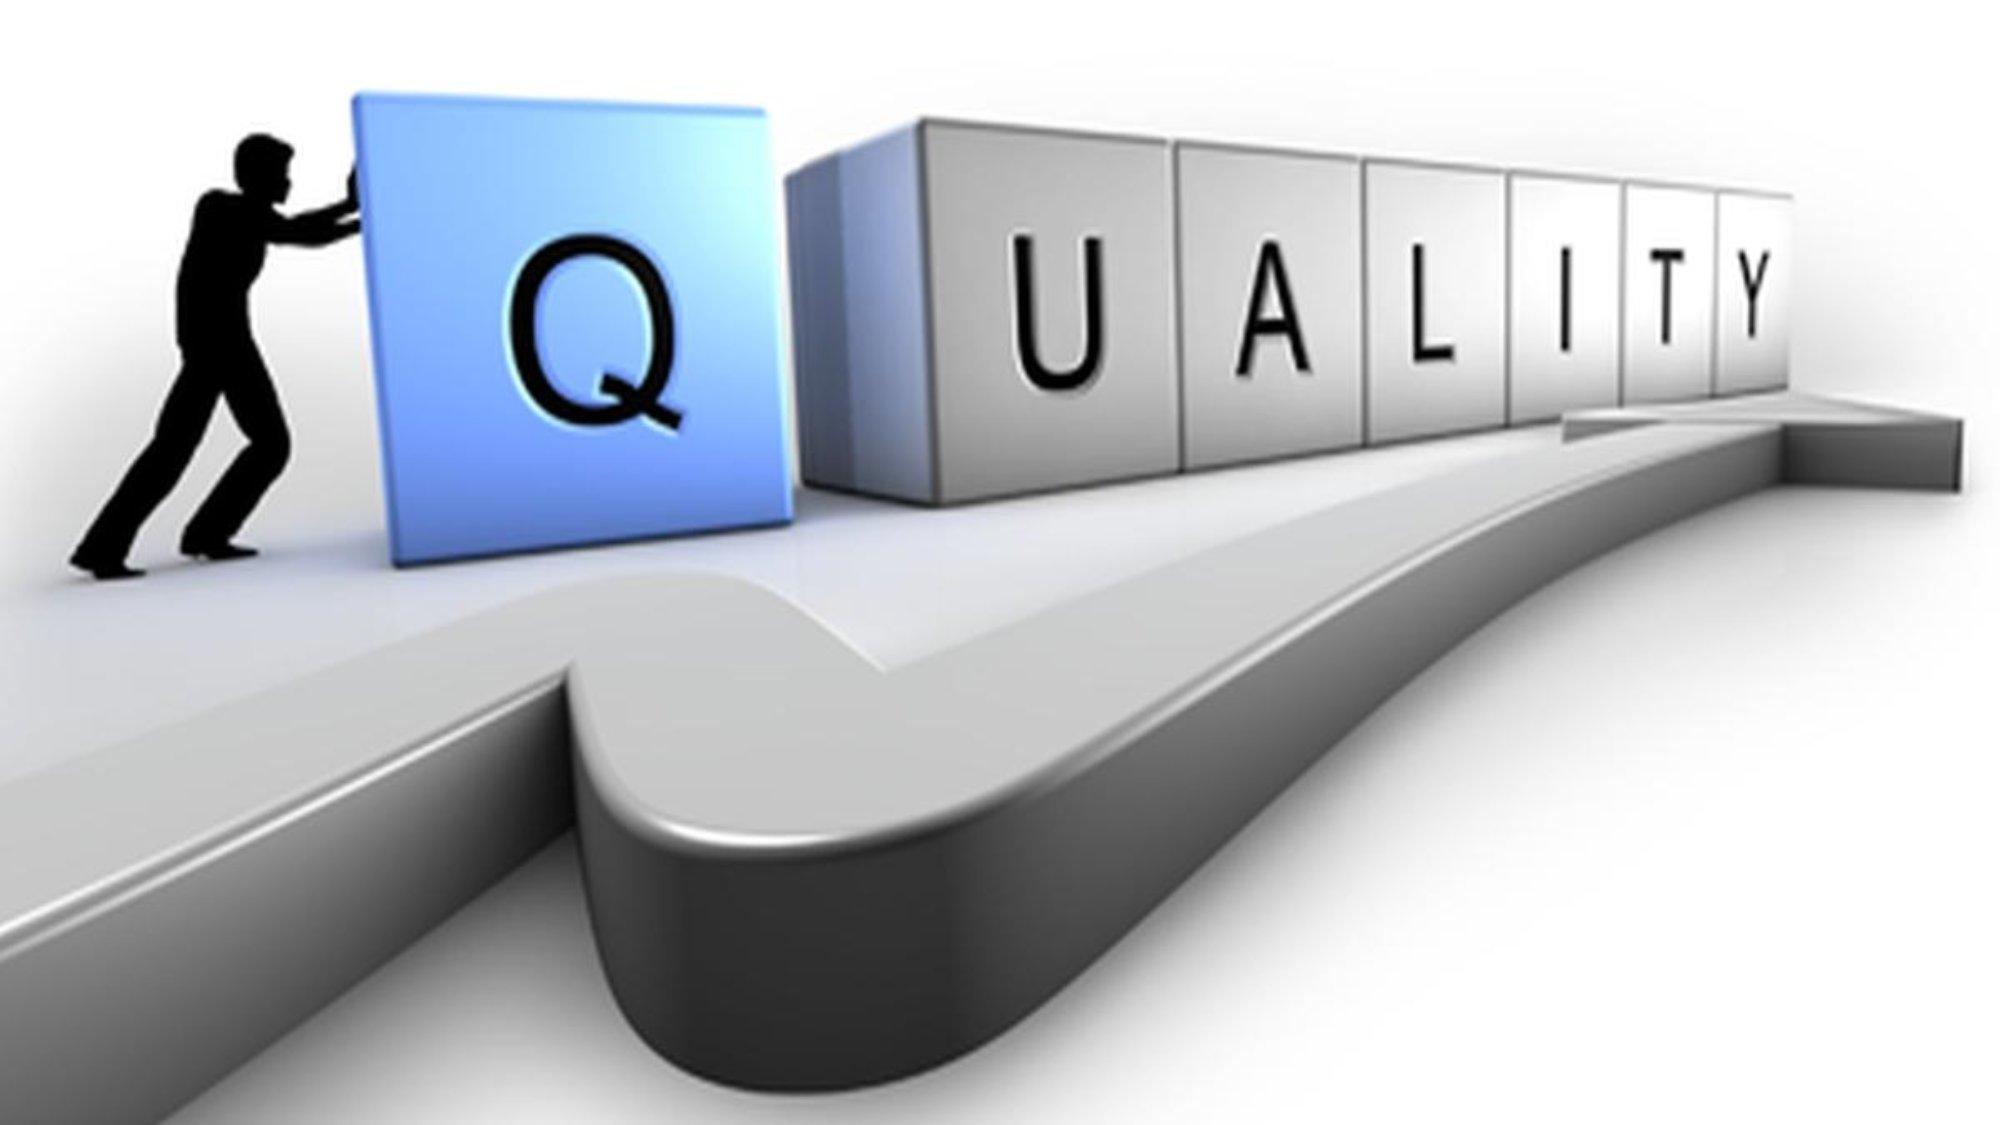 vai trò của bounce rate là gì? Giúp doanh nghiệp biết được chất lượng web